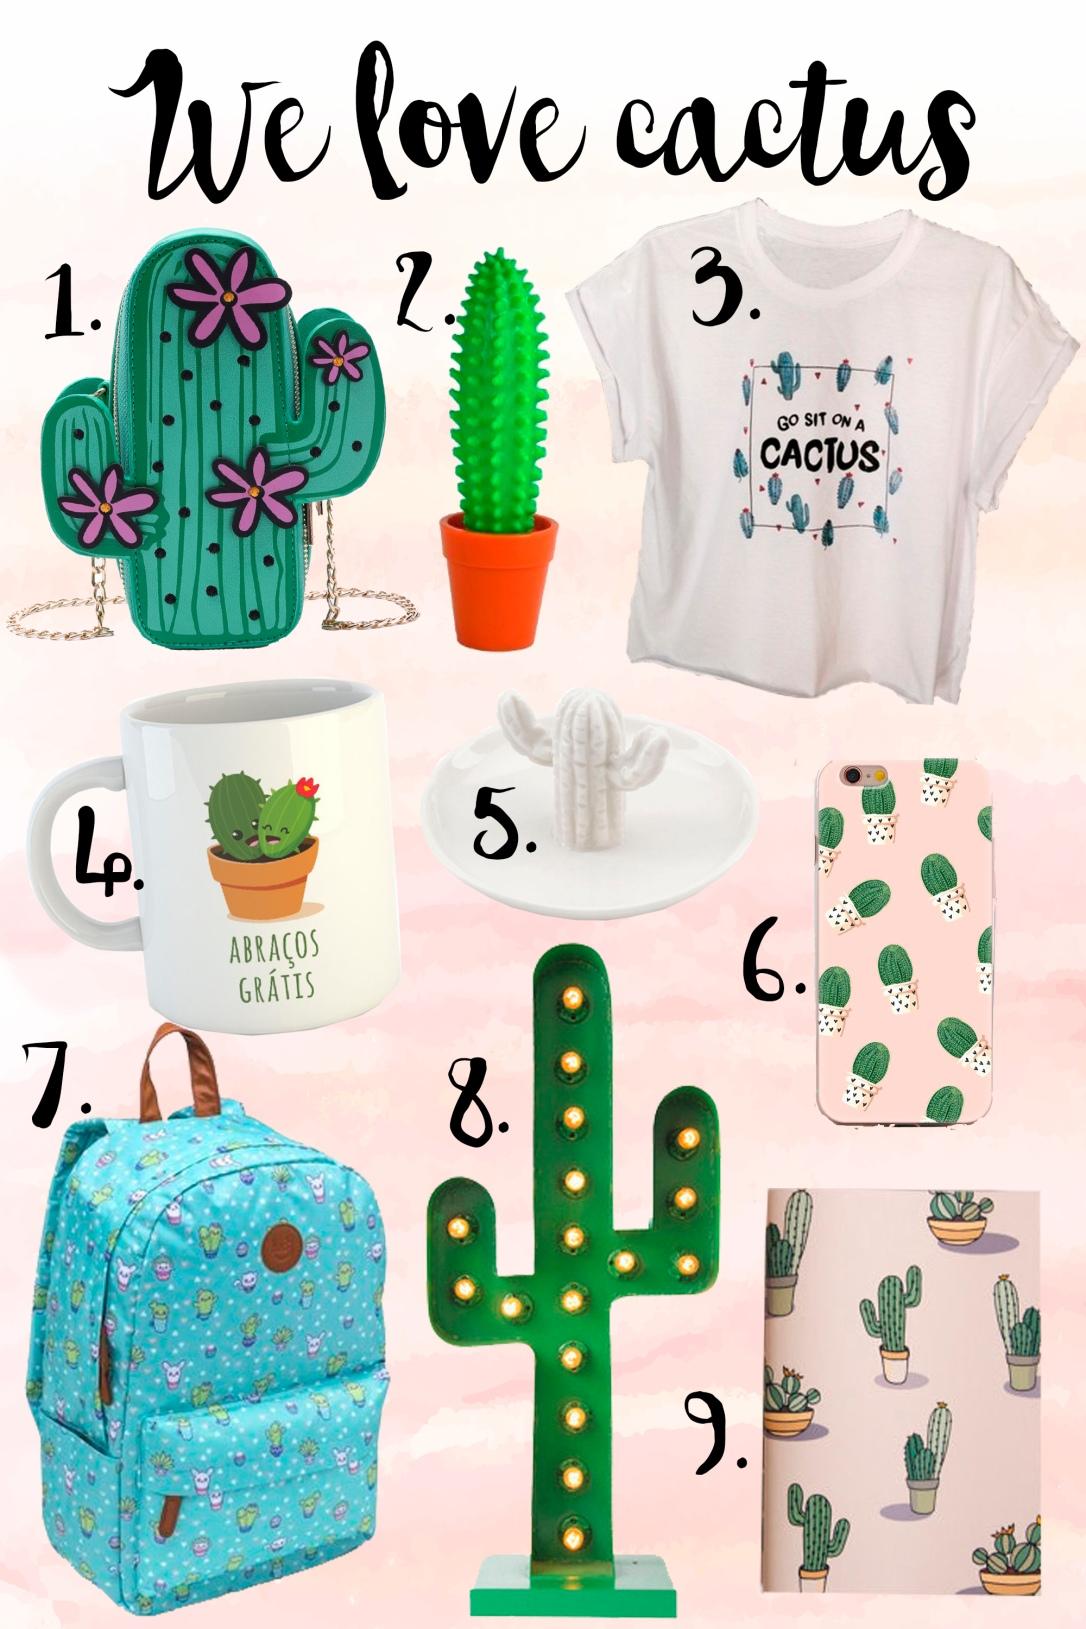 we-love-cactus-copiar